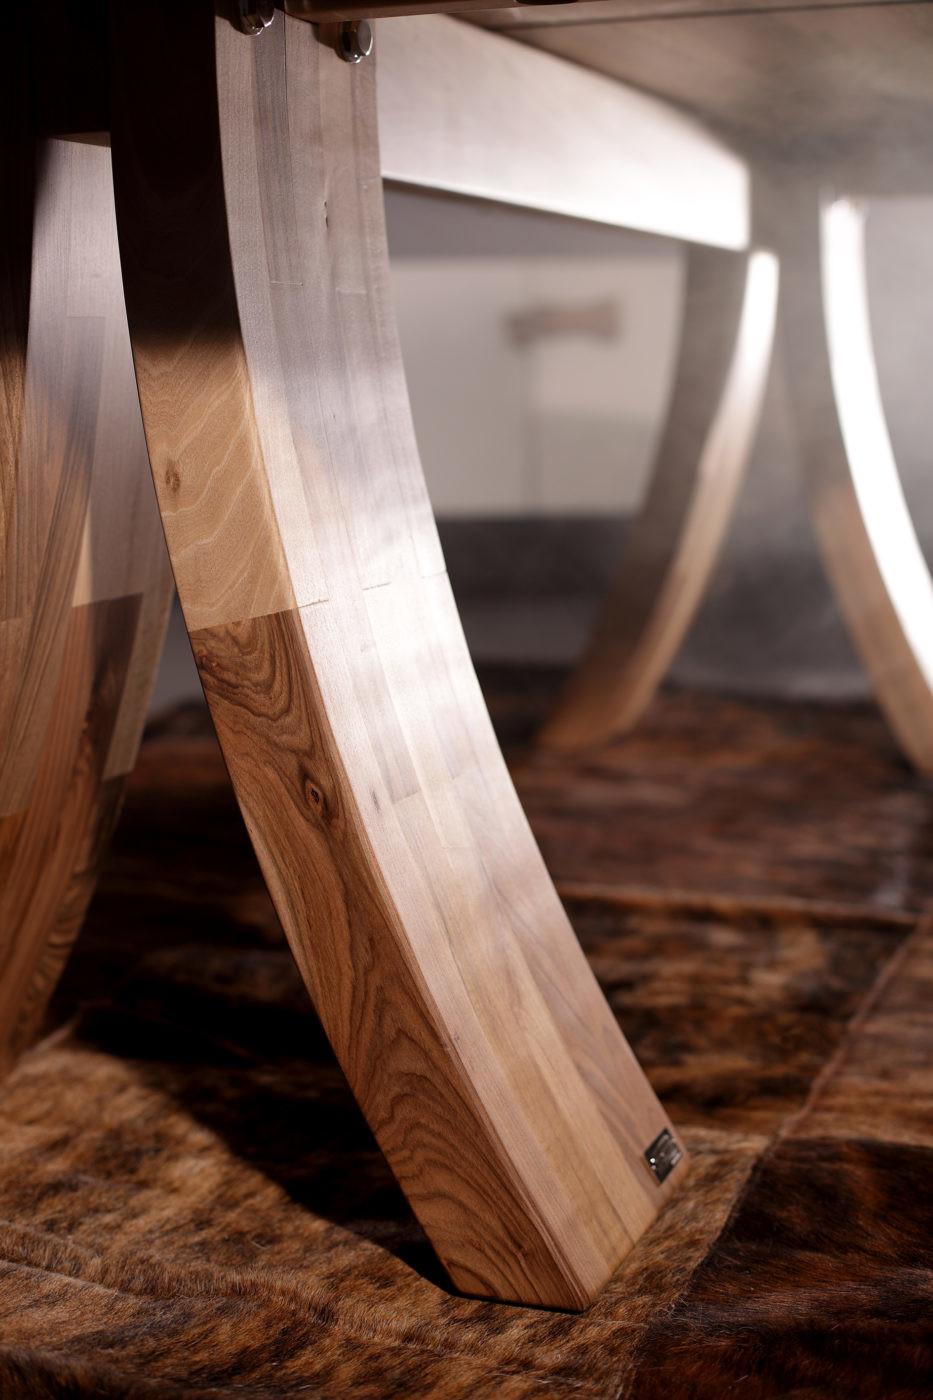 Sprenger Arcobello Tisch 08